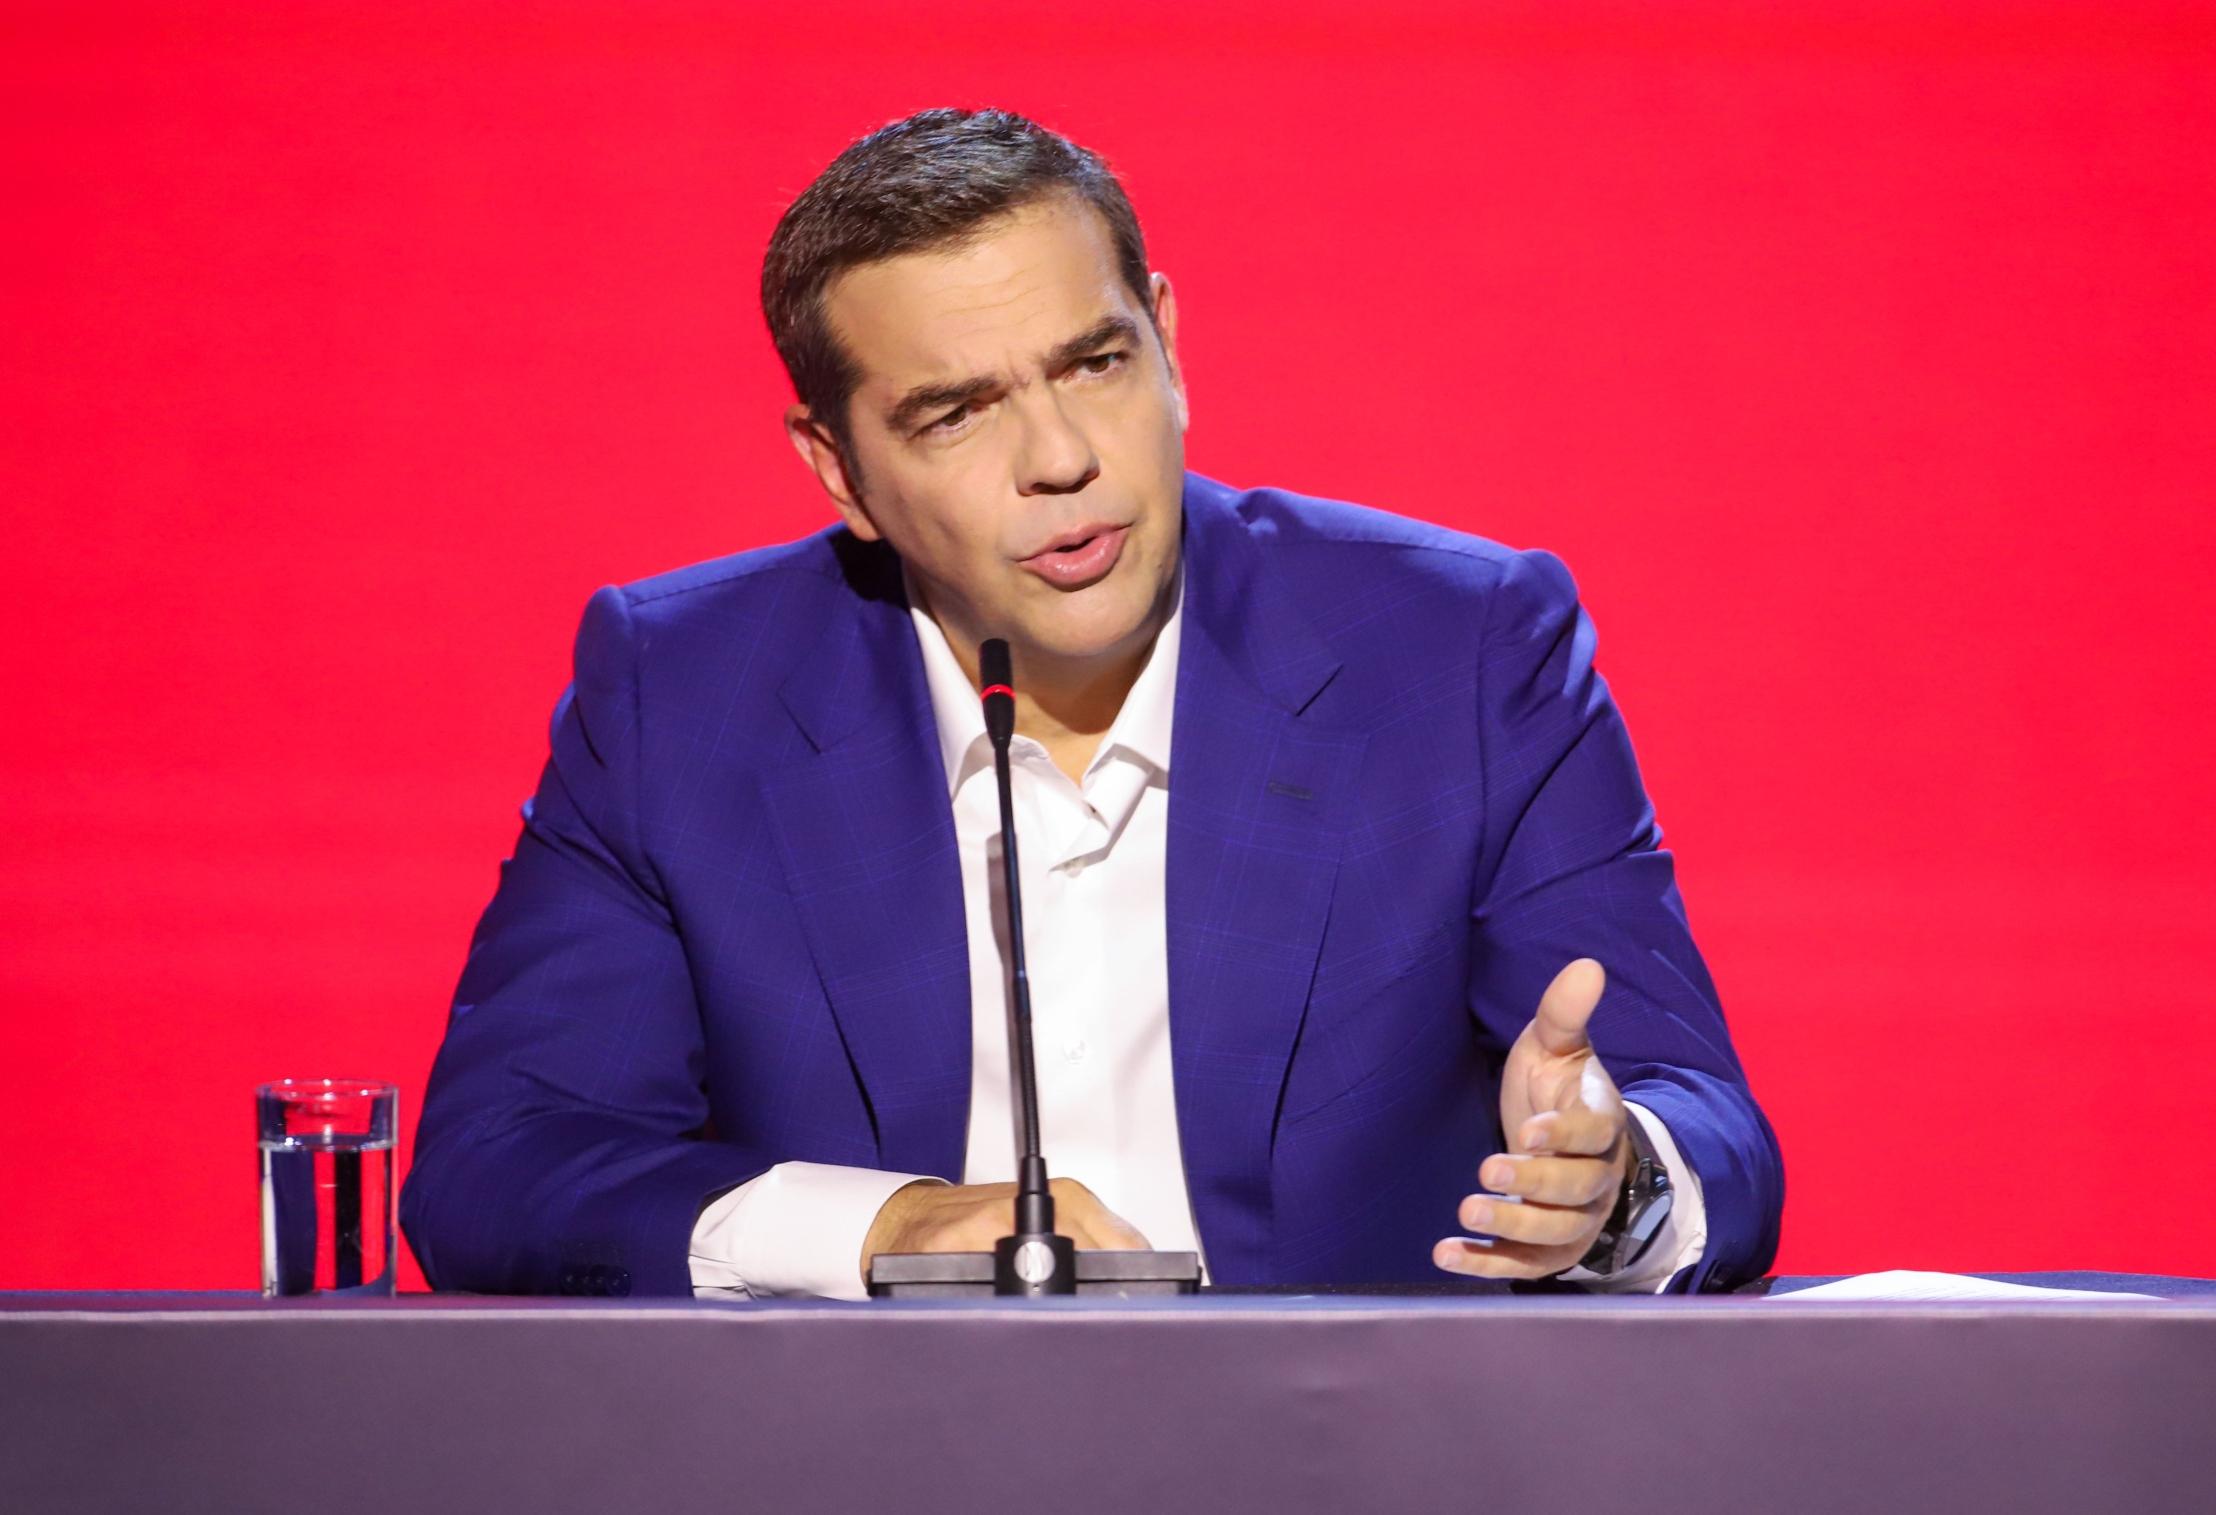 Αλέξης Τσίπρας: Σήμερα η συνέντευξη Τύπου για τα Μέσα Μεταφοράς | Ειδησεις  | Pagenews.gr